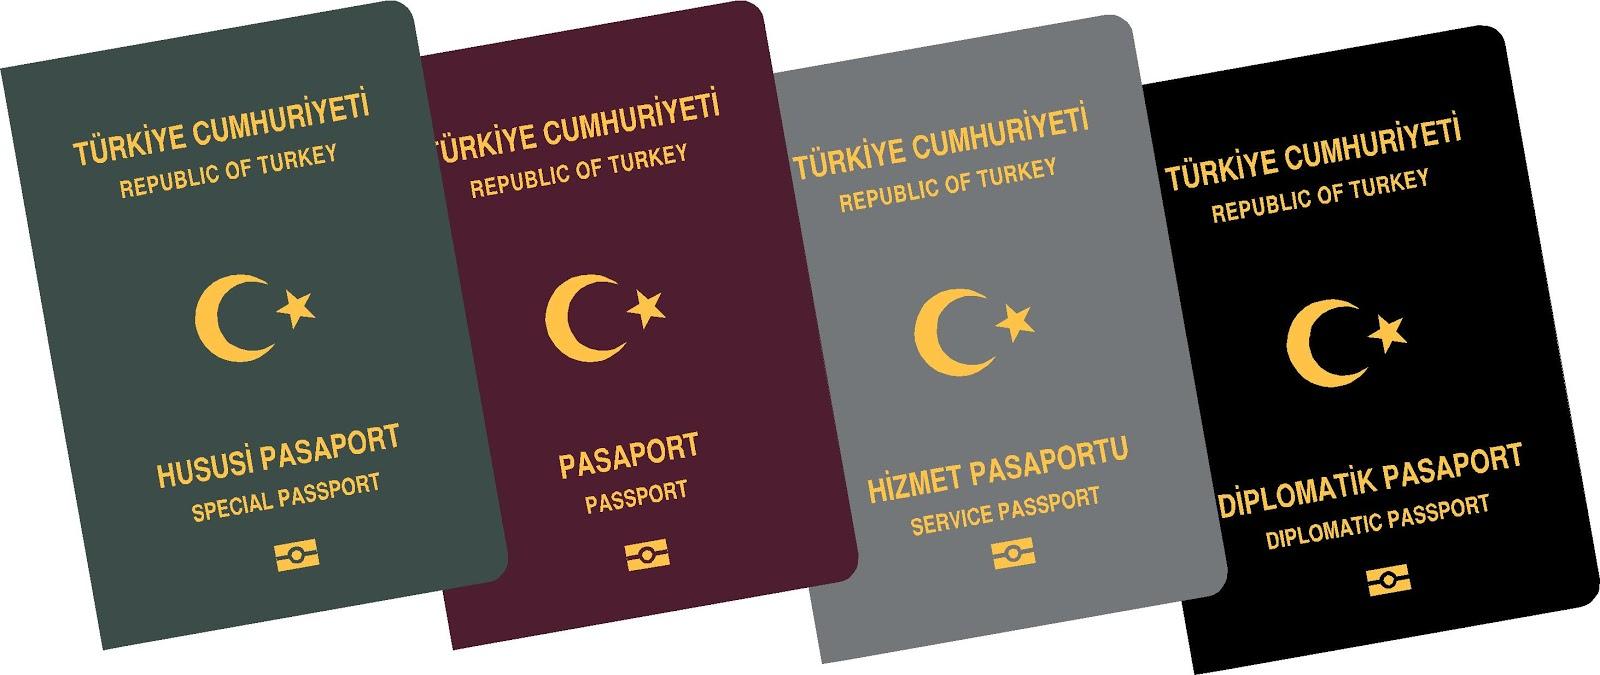 Pasaportunuzun hazır olup olmadığını kontrol edin - rahat ve sade